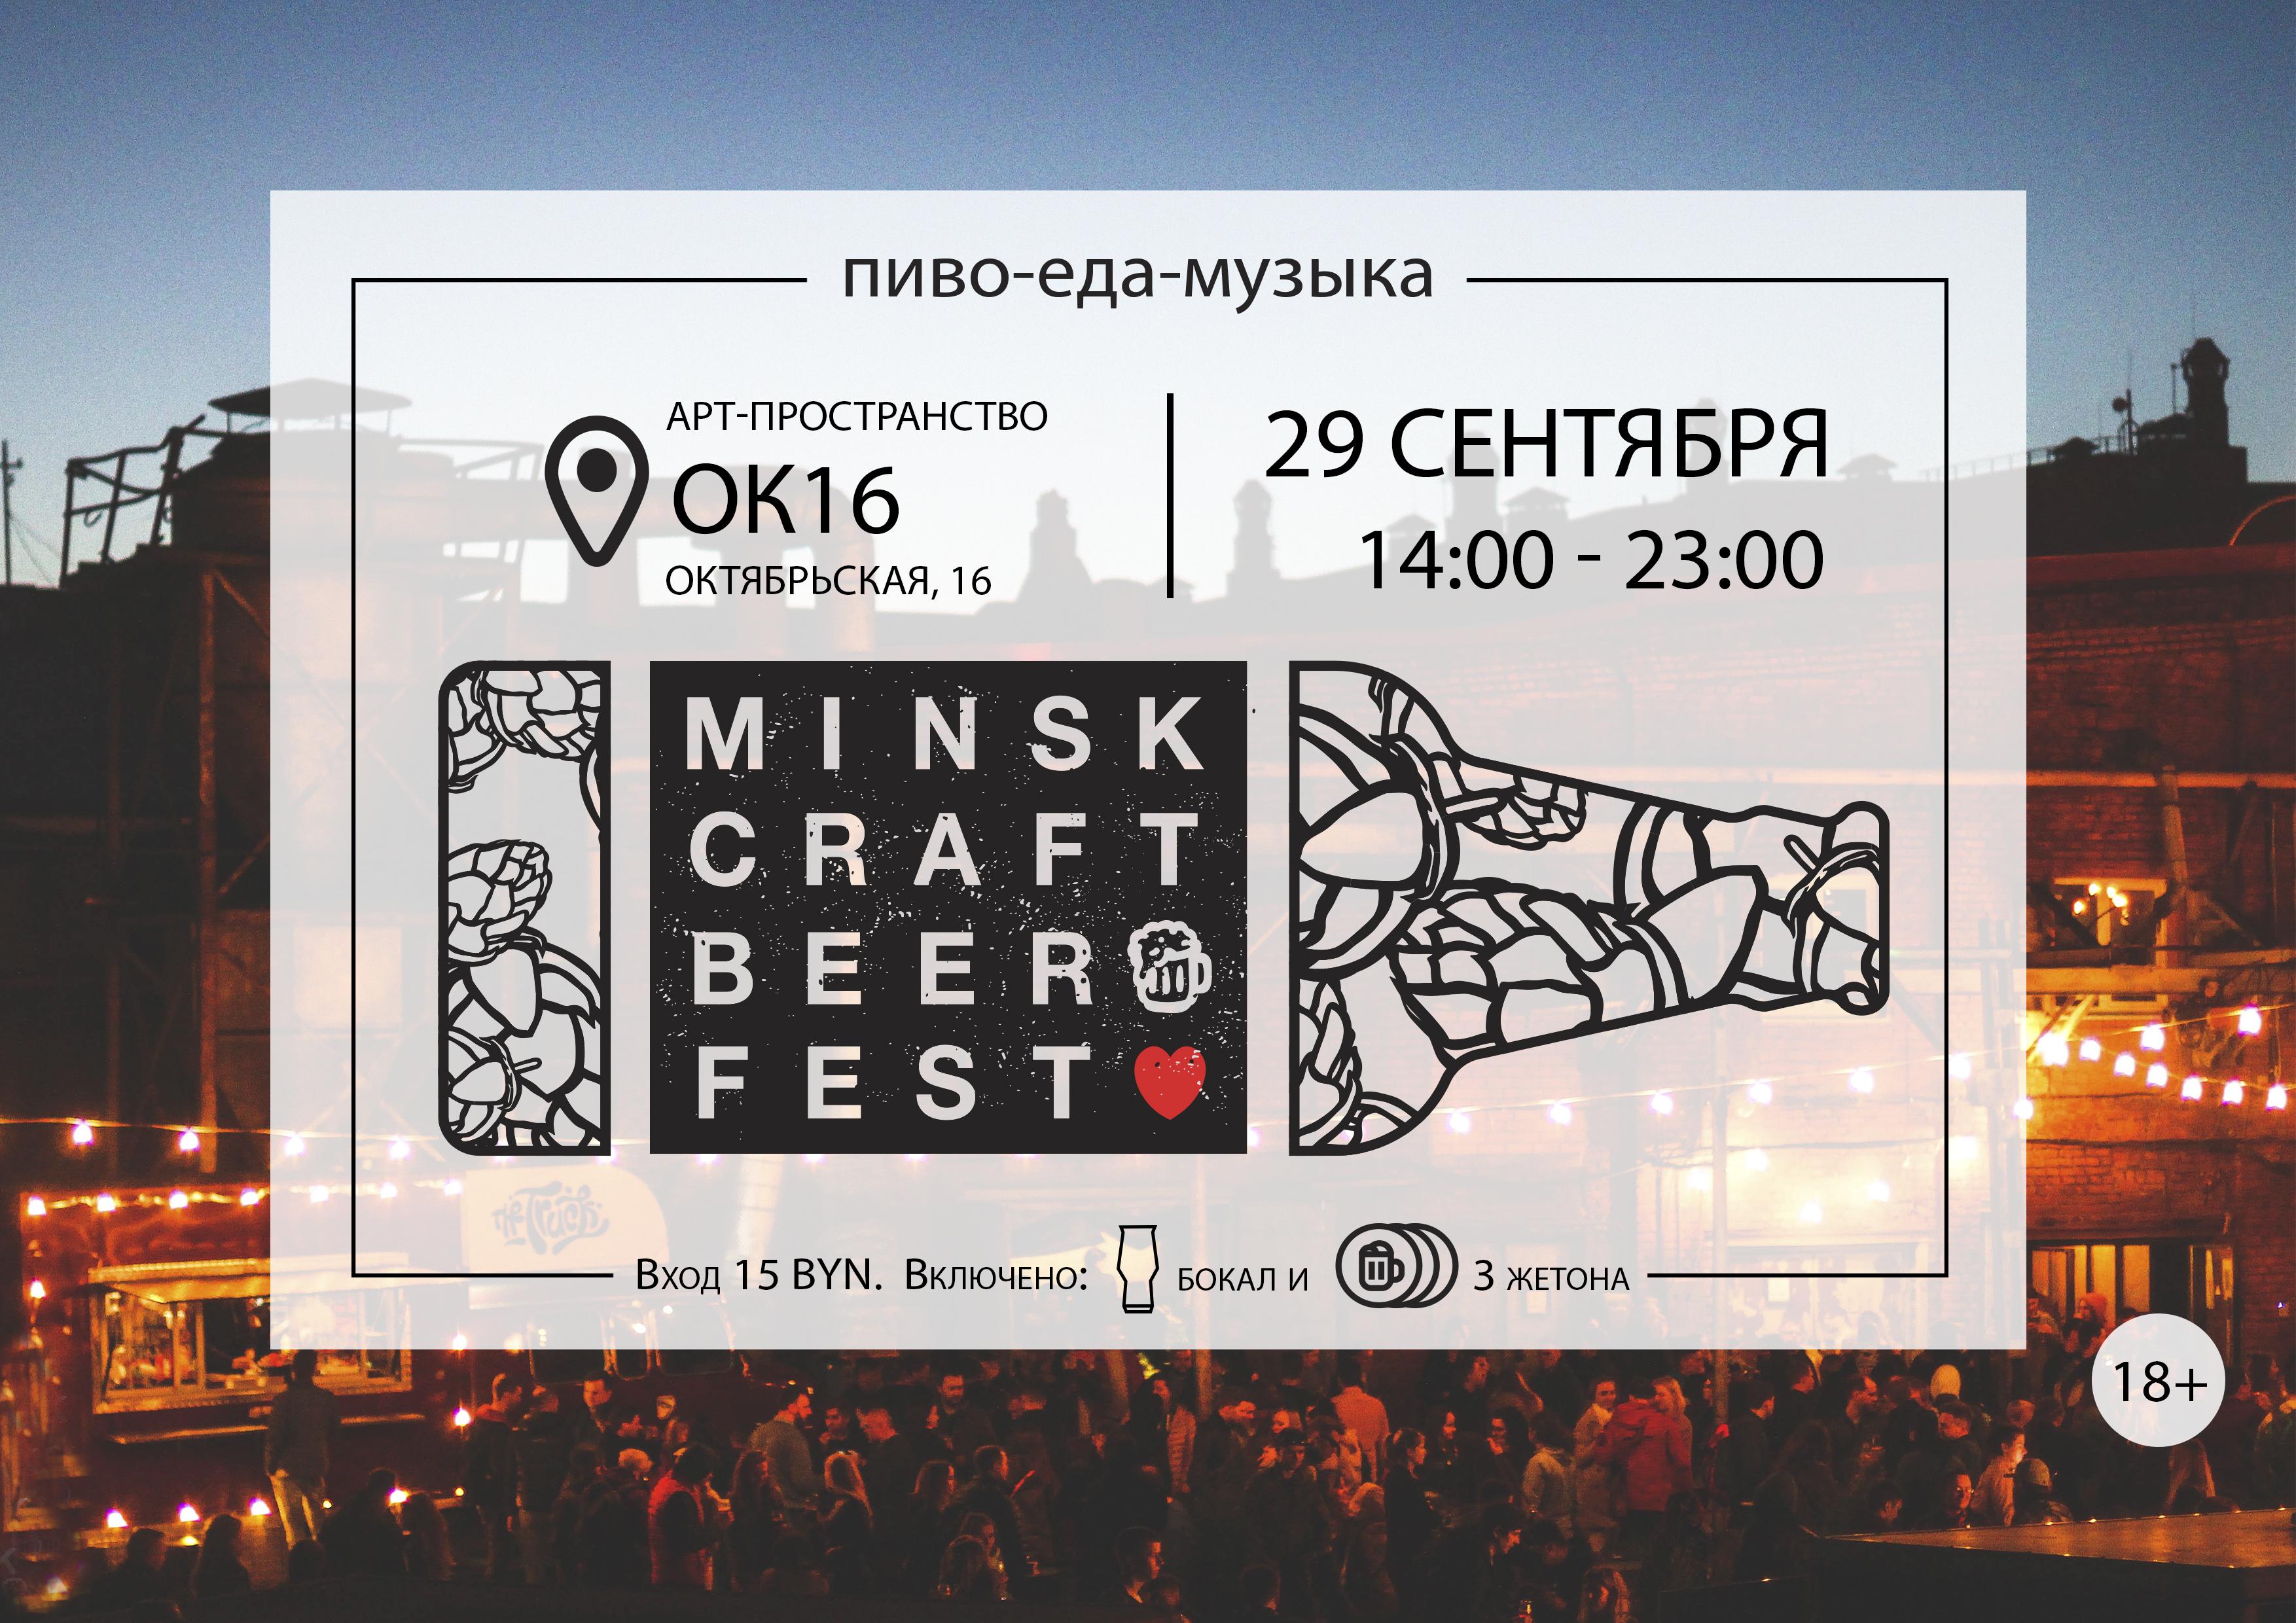 Minsk Craft Beer Fest афиша анонс крафтовое пиво фестиваль мероприятие